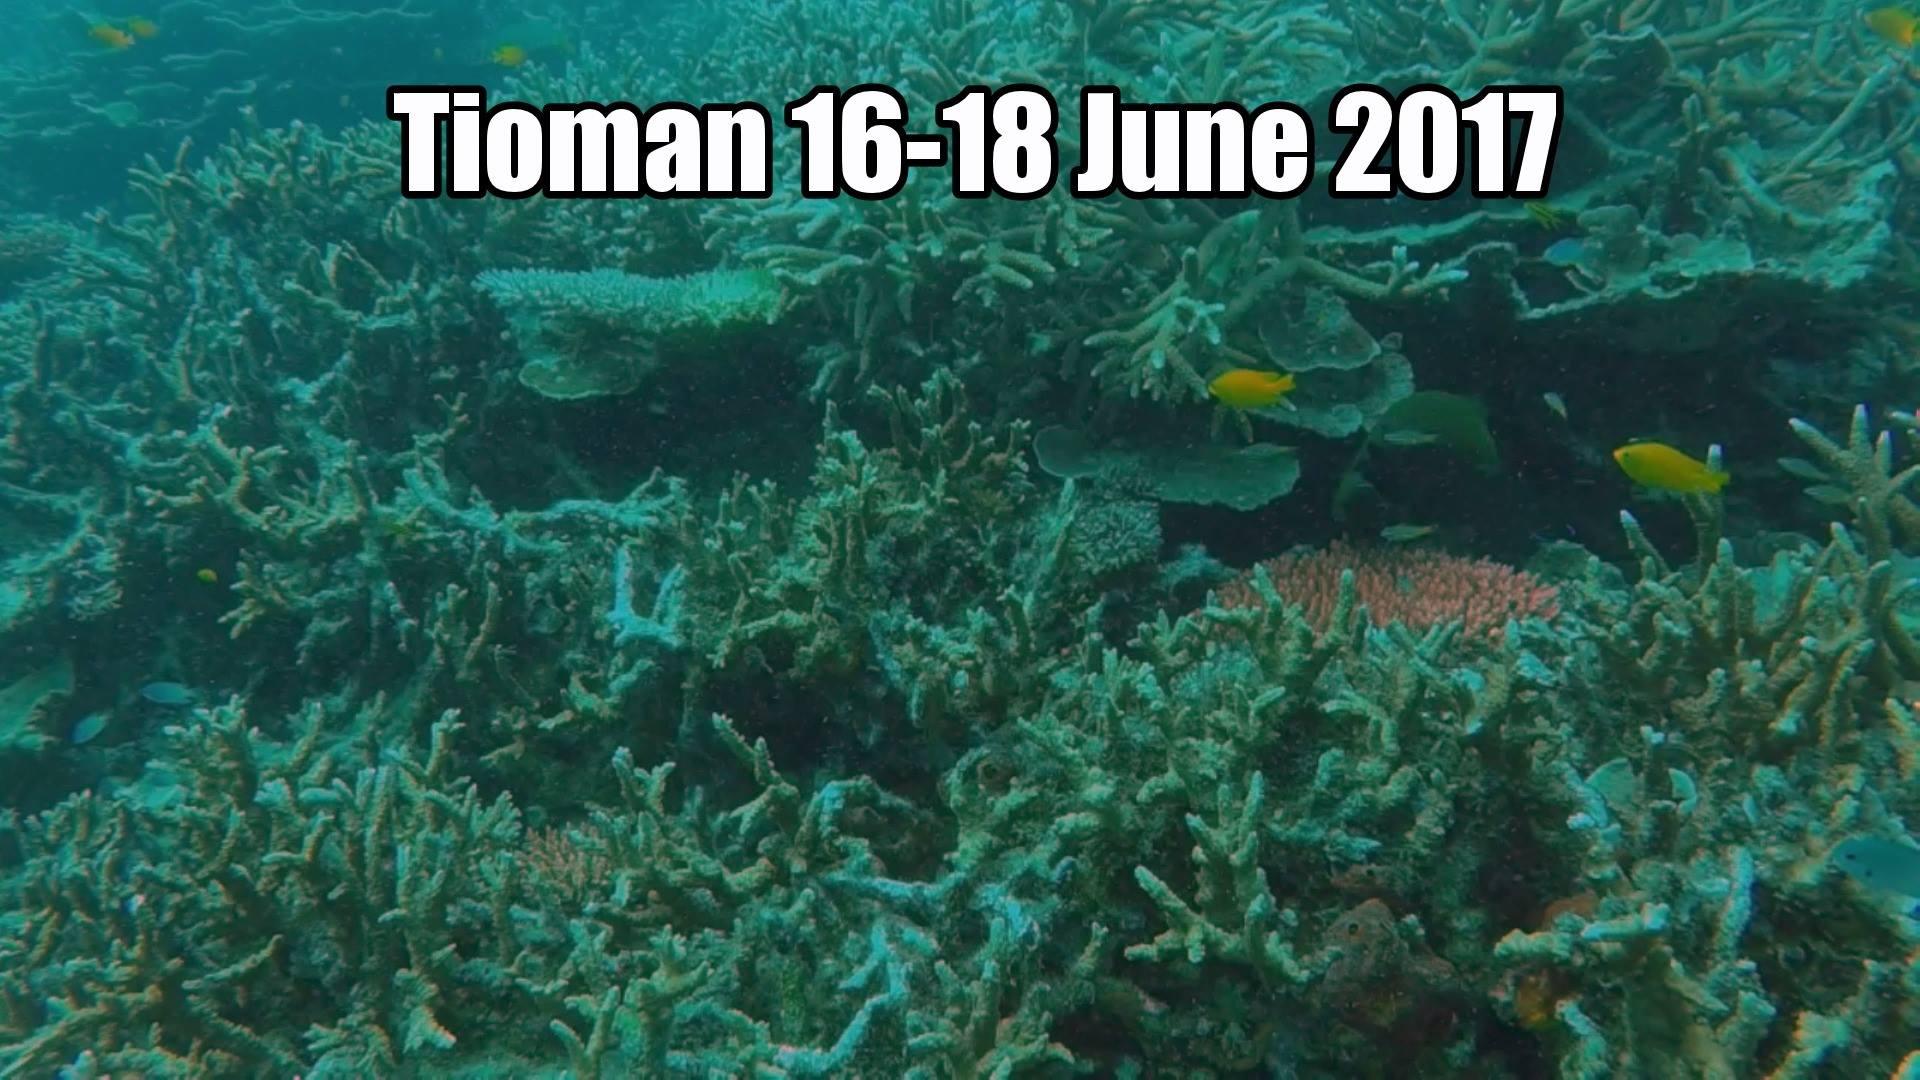 Tioman 16-18 June 2017